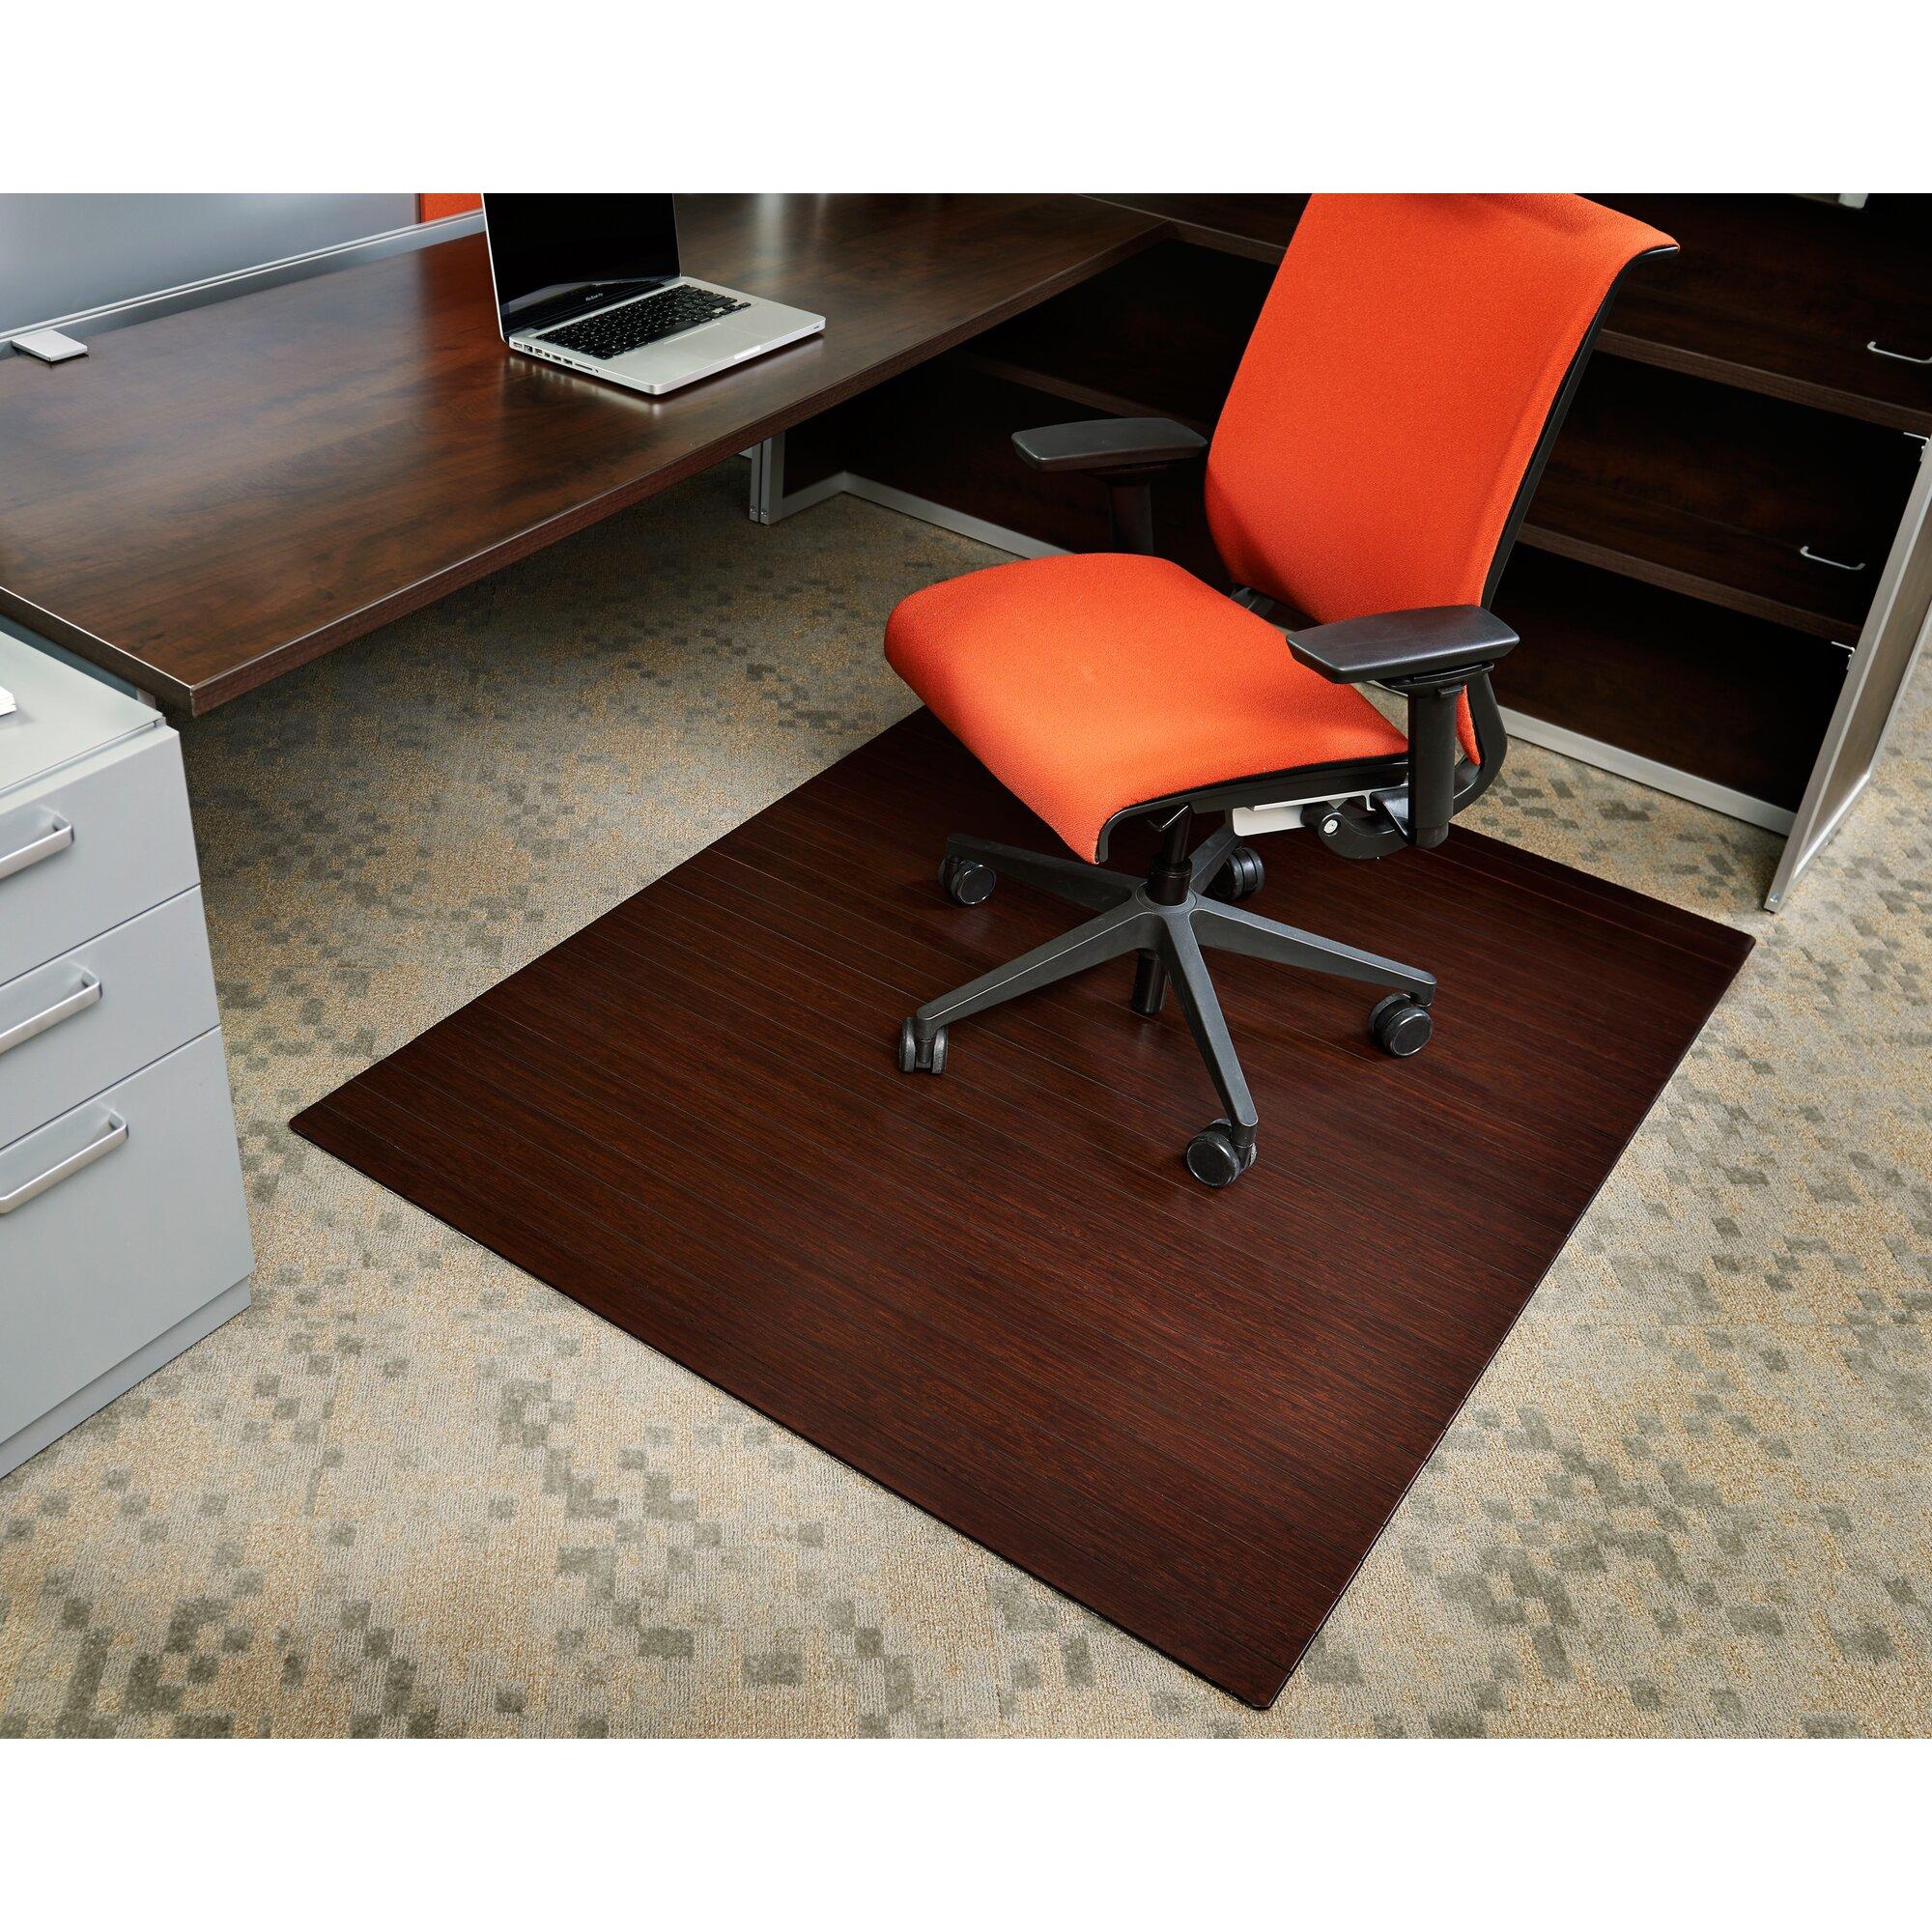 Chair Mat For Hardwood Floor polypropylene black chair mat for hardwood floors Bamboo Rectangular Office Chair Mat